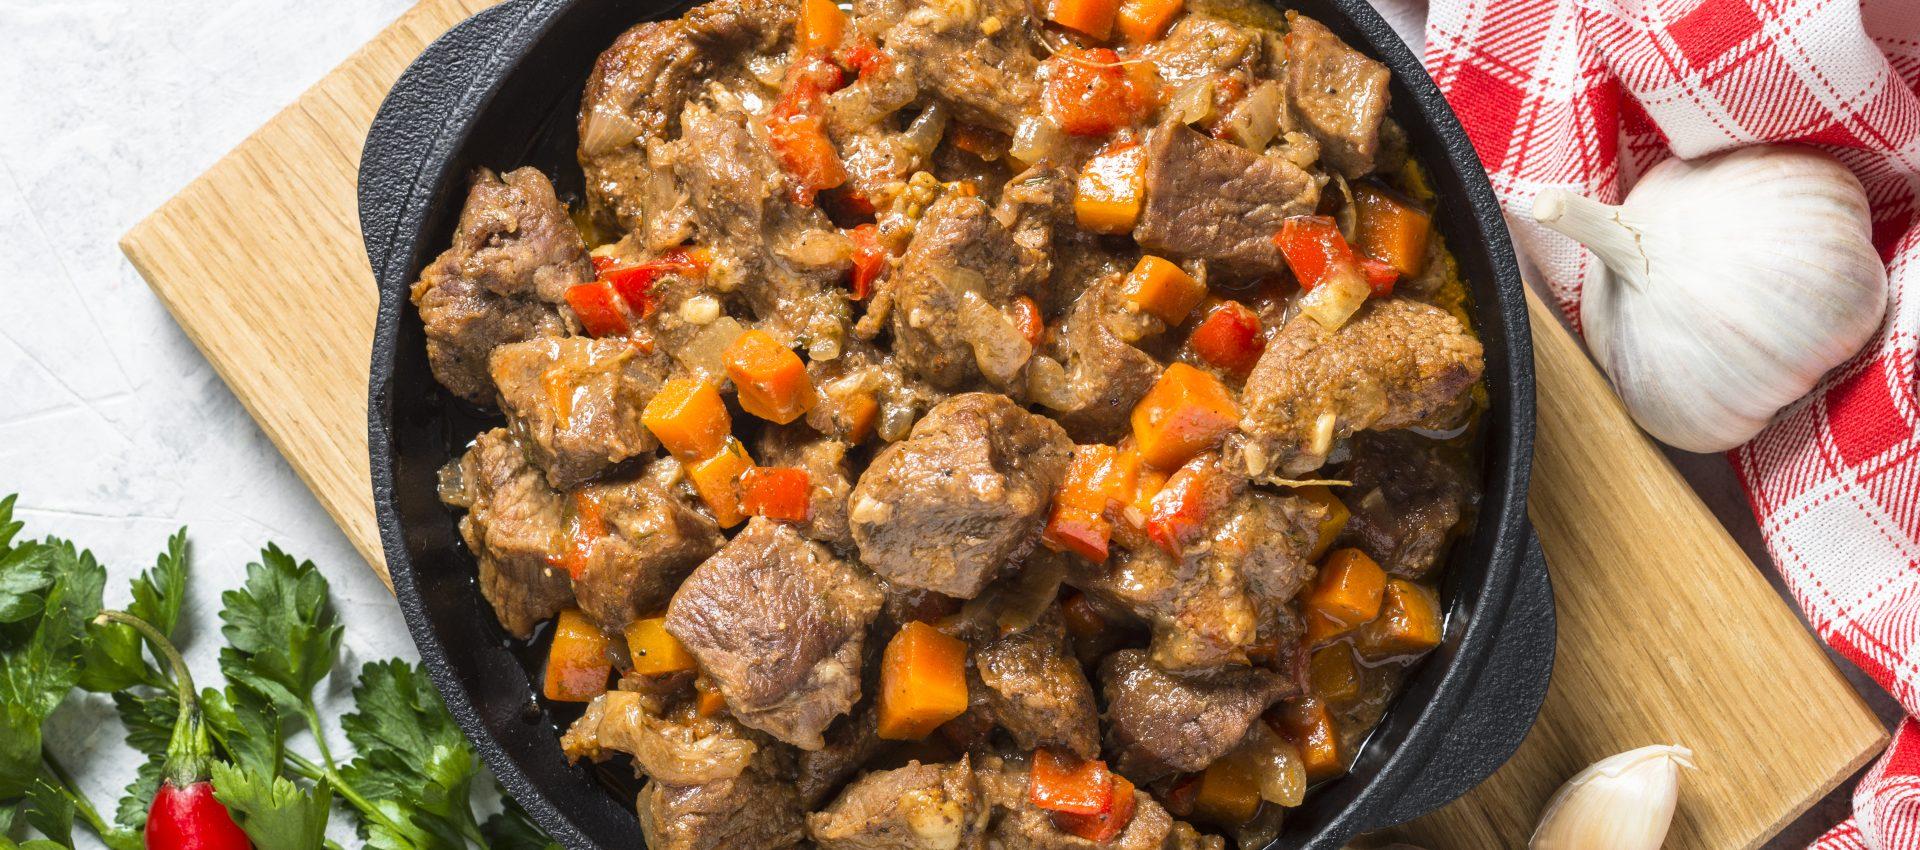 Ragoût de bœuf aux petits légumes au cookeo